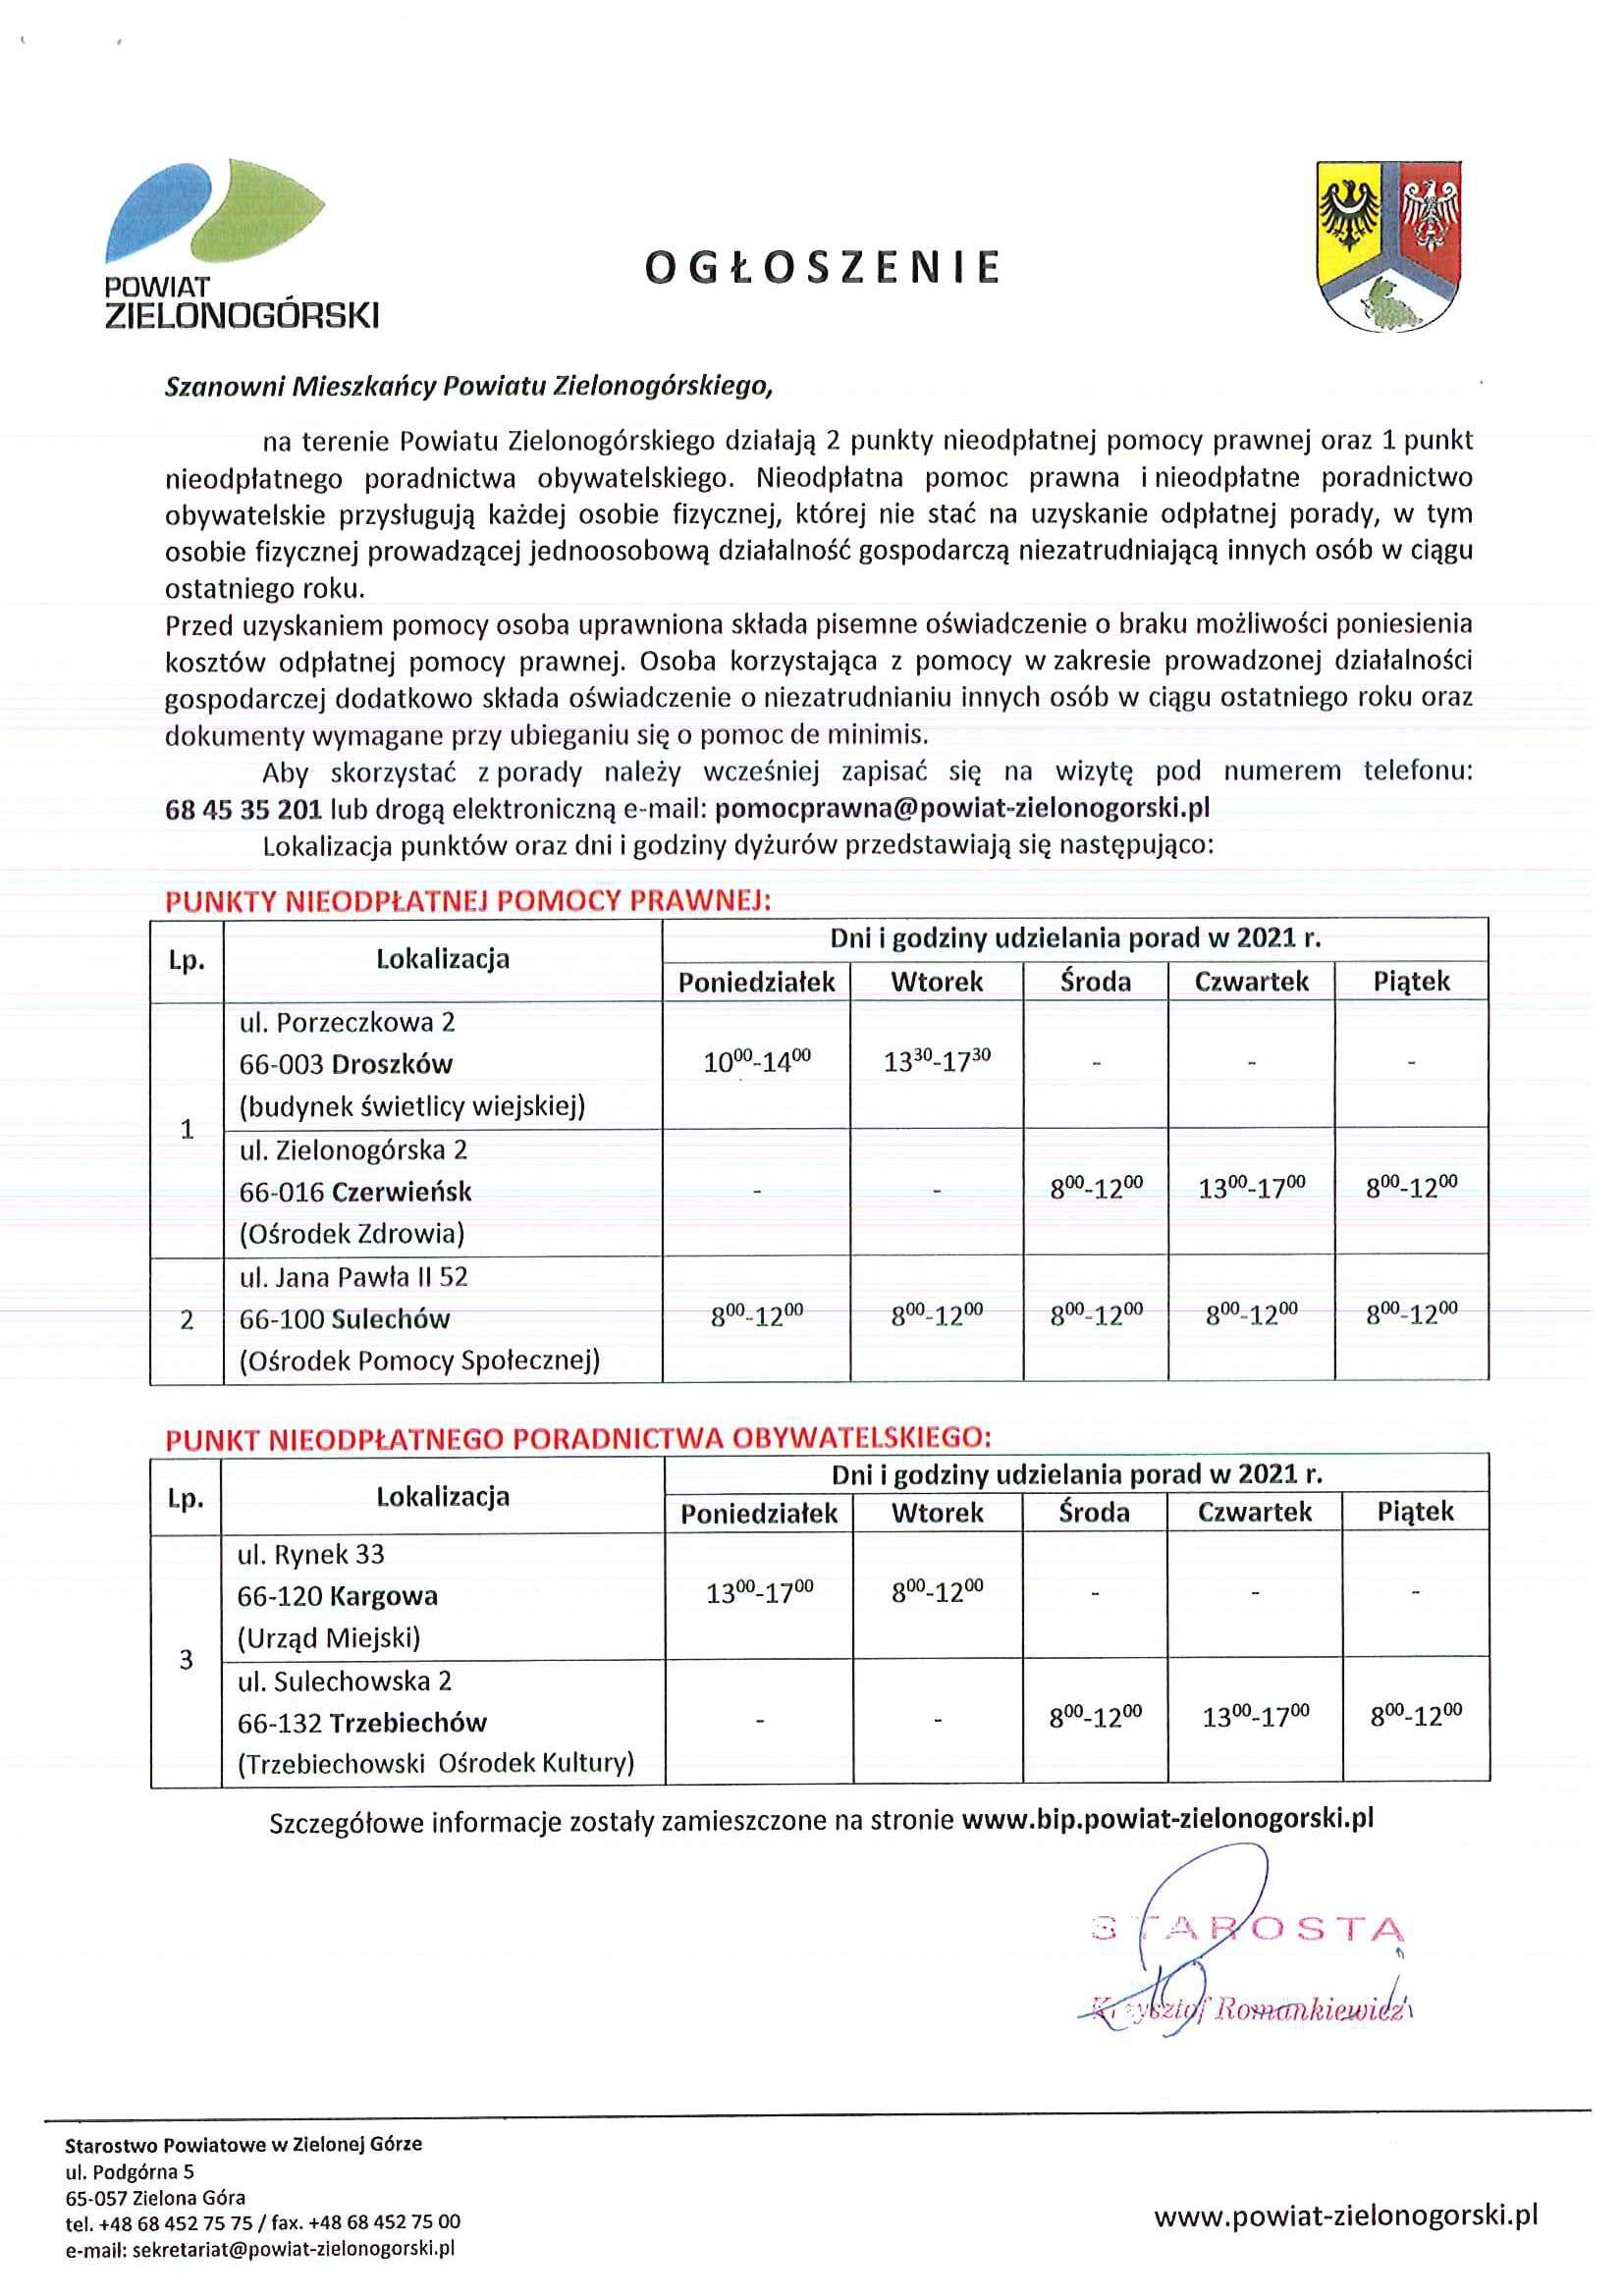 Lista placówek nieodpłatnego poradnictwa prawnego i obywatelskiego